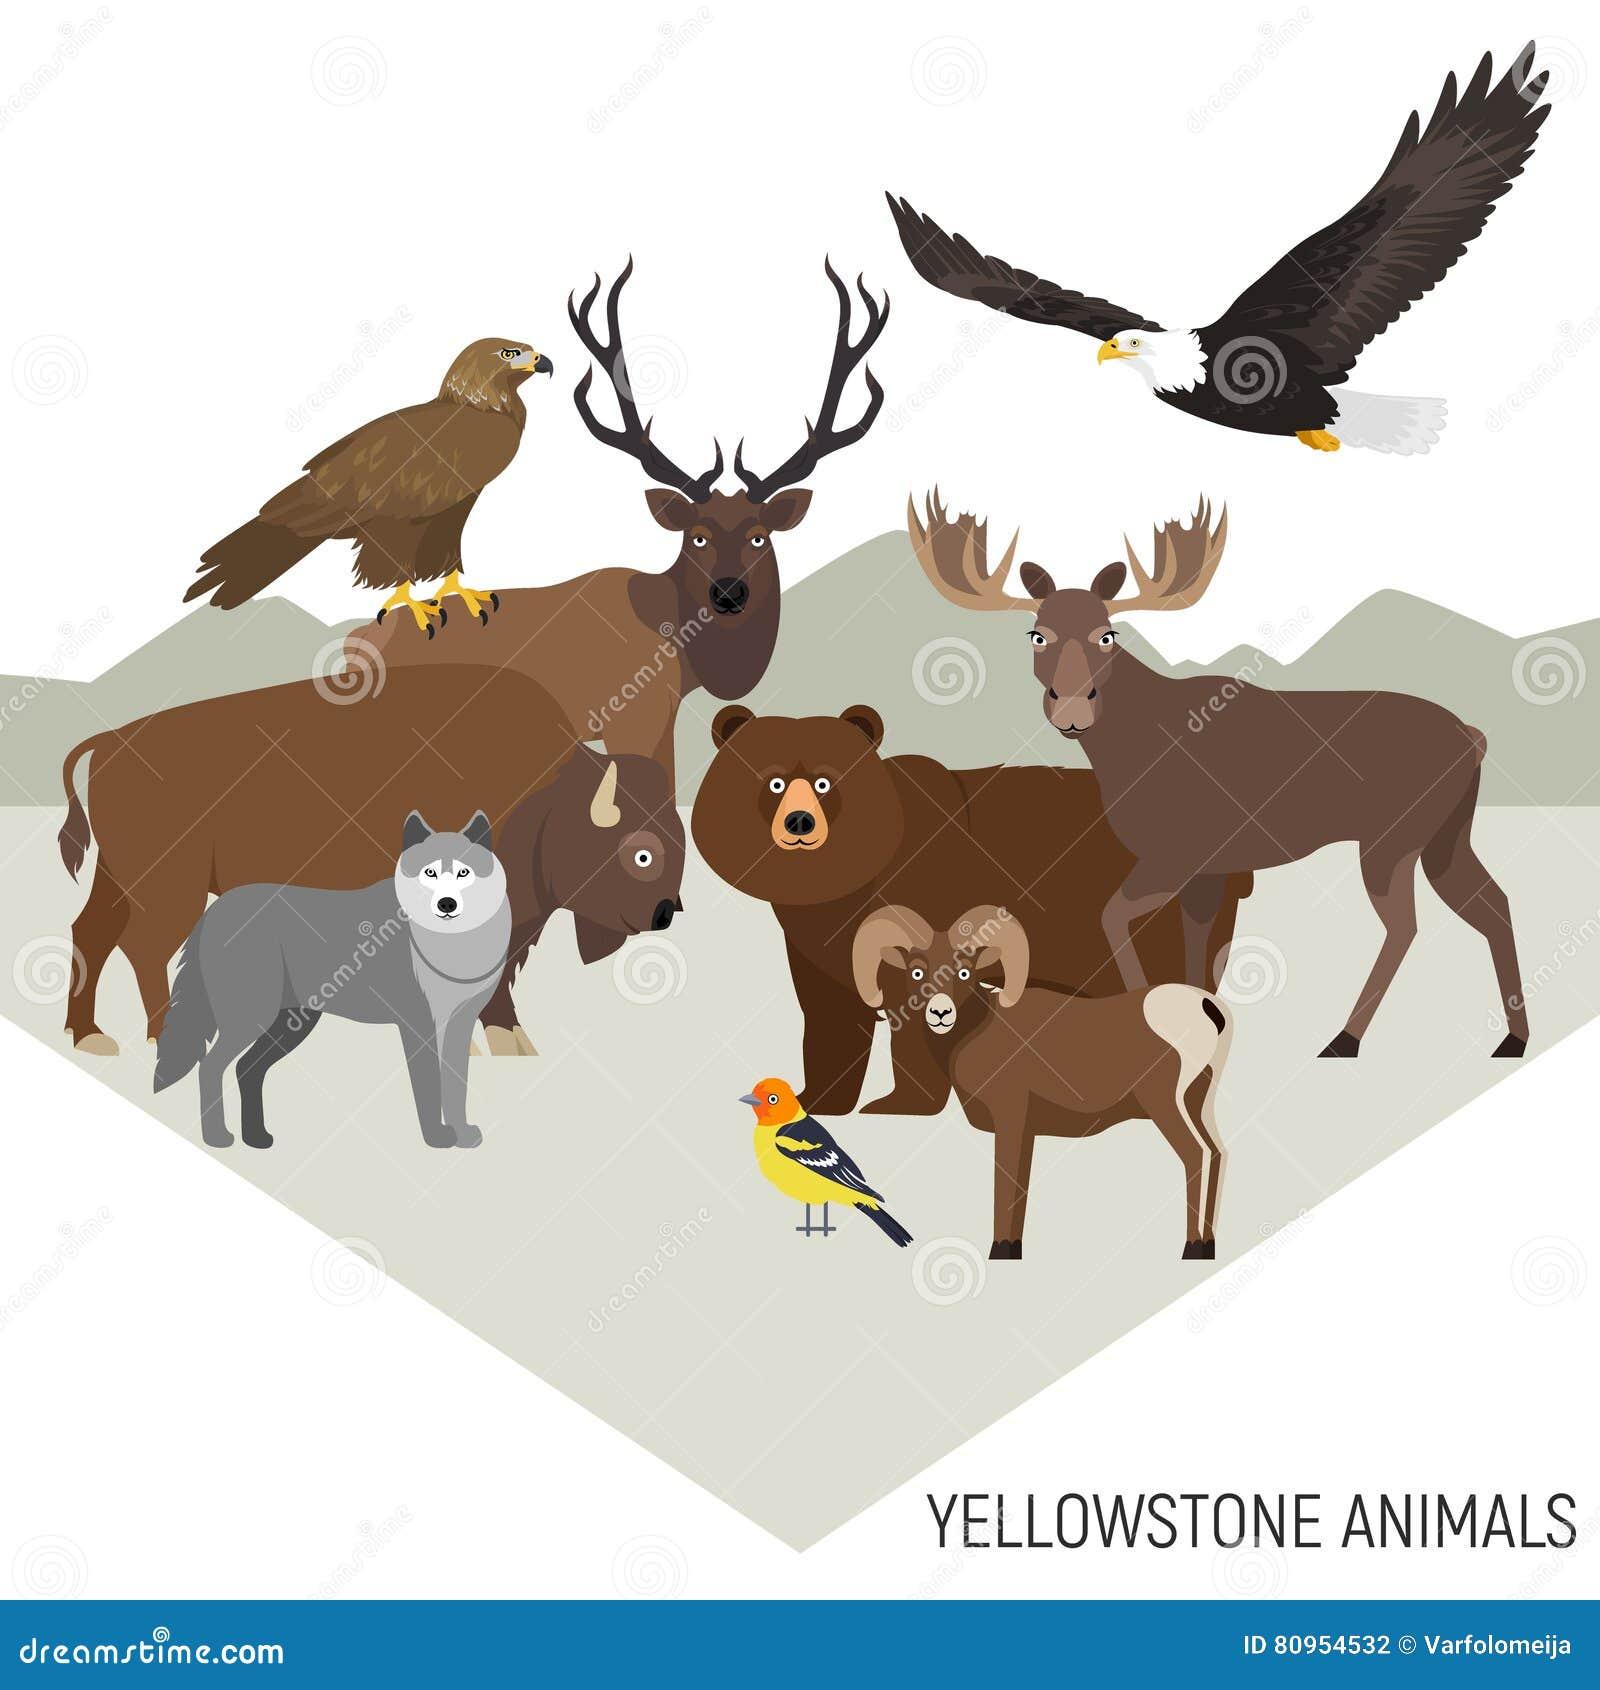 Yellowstone Nationalpark Tiere Vektor Abbildung ...